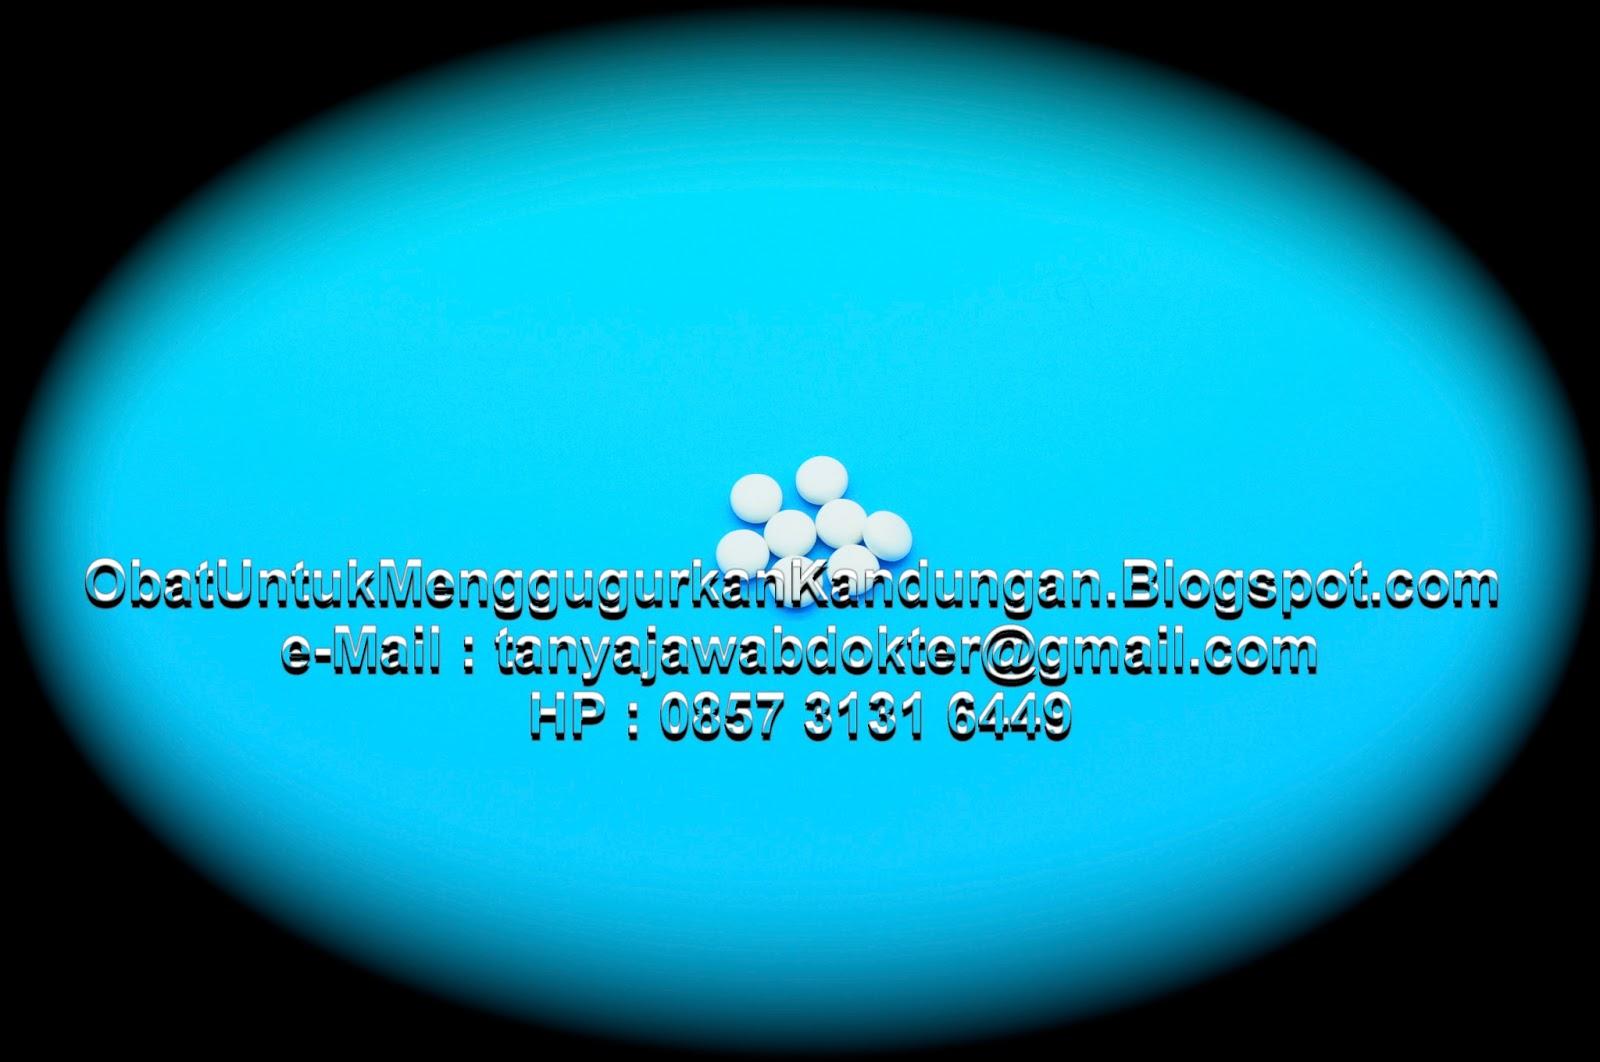 obat tradisional ngilangin keputihan